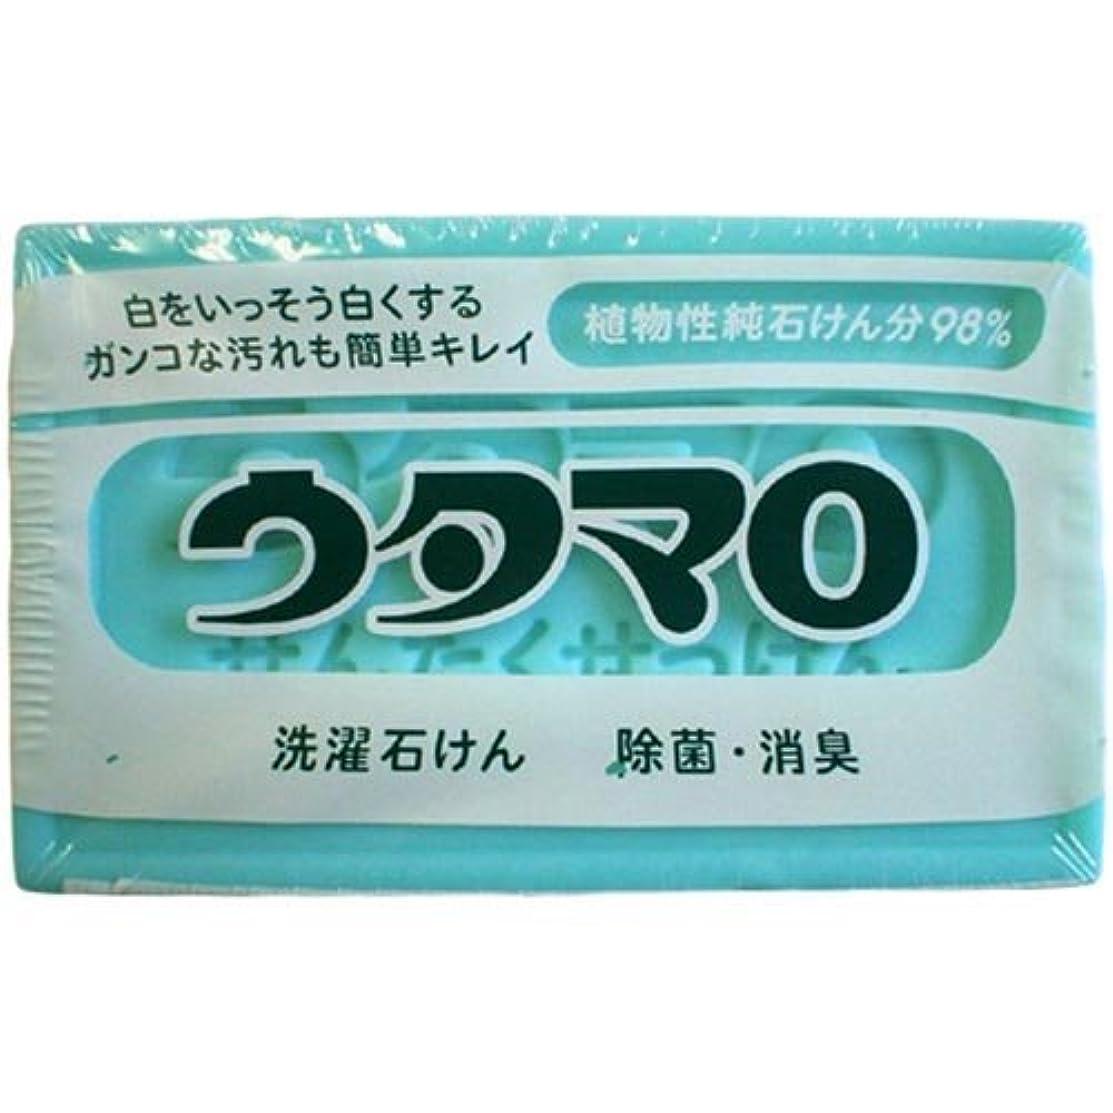 変換謎めいた酔う東邦 ウタマロ マホー石鹸 3個セット TO-SE3